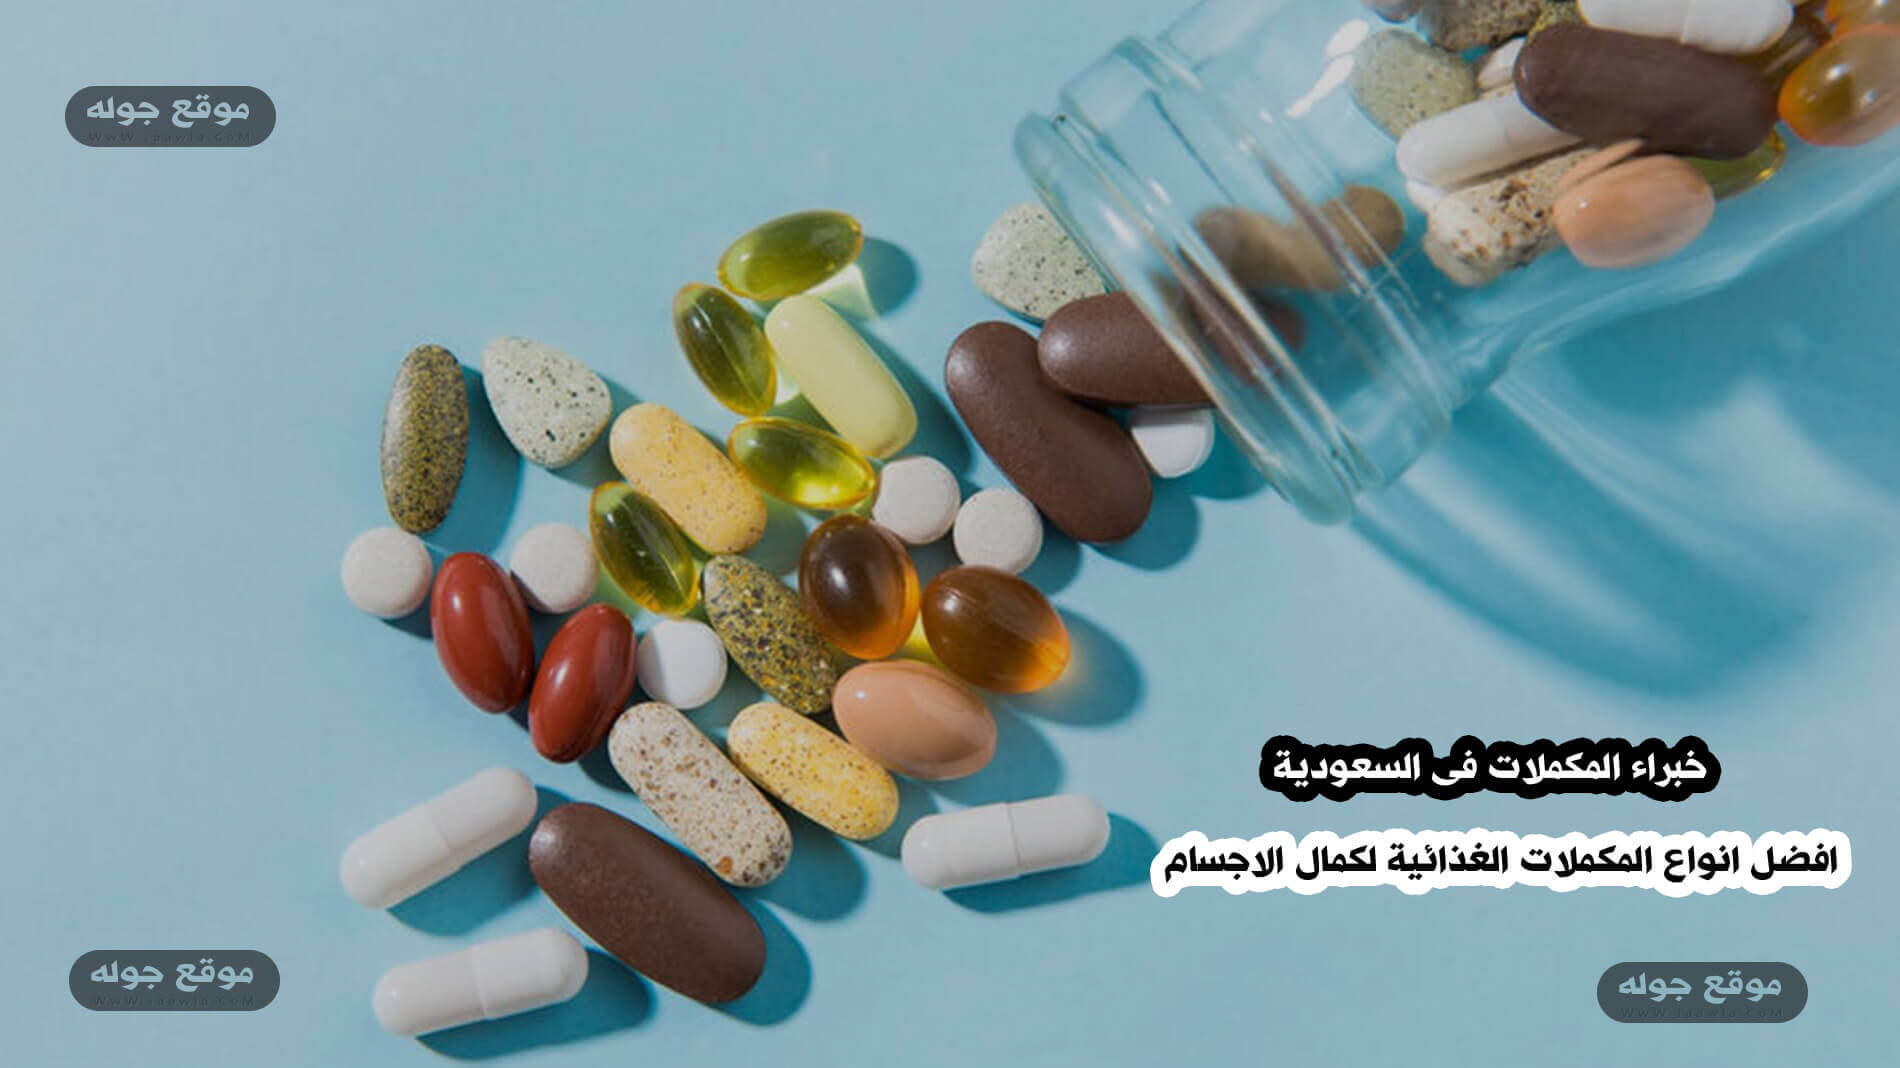 خبراء المكملات فى السعودية افضل موقع لبيع المكملات الغذائية في السعودية